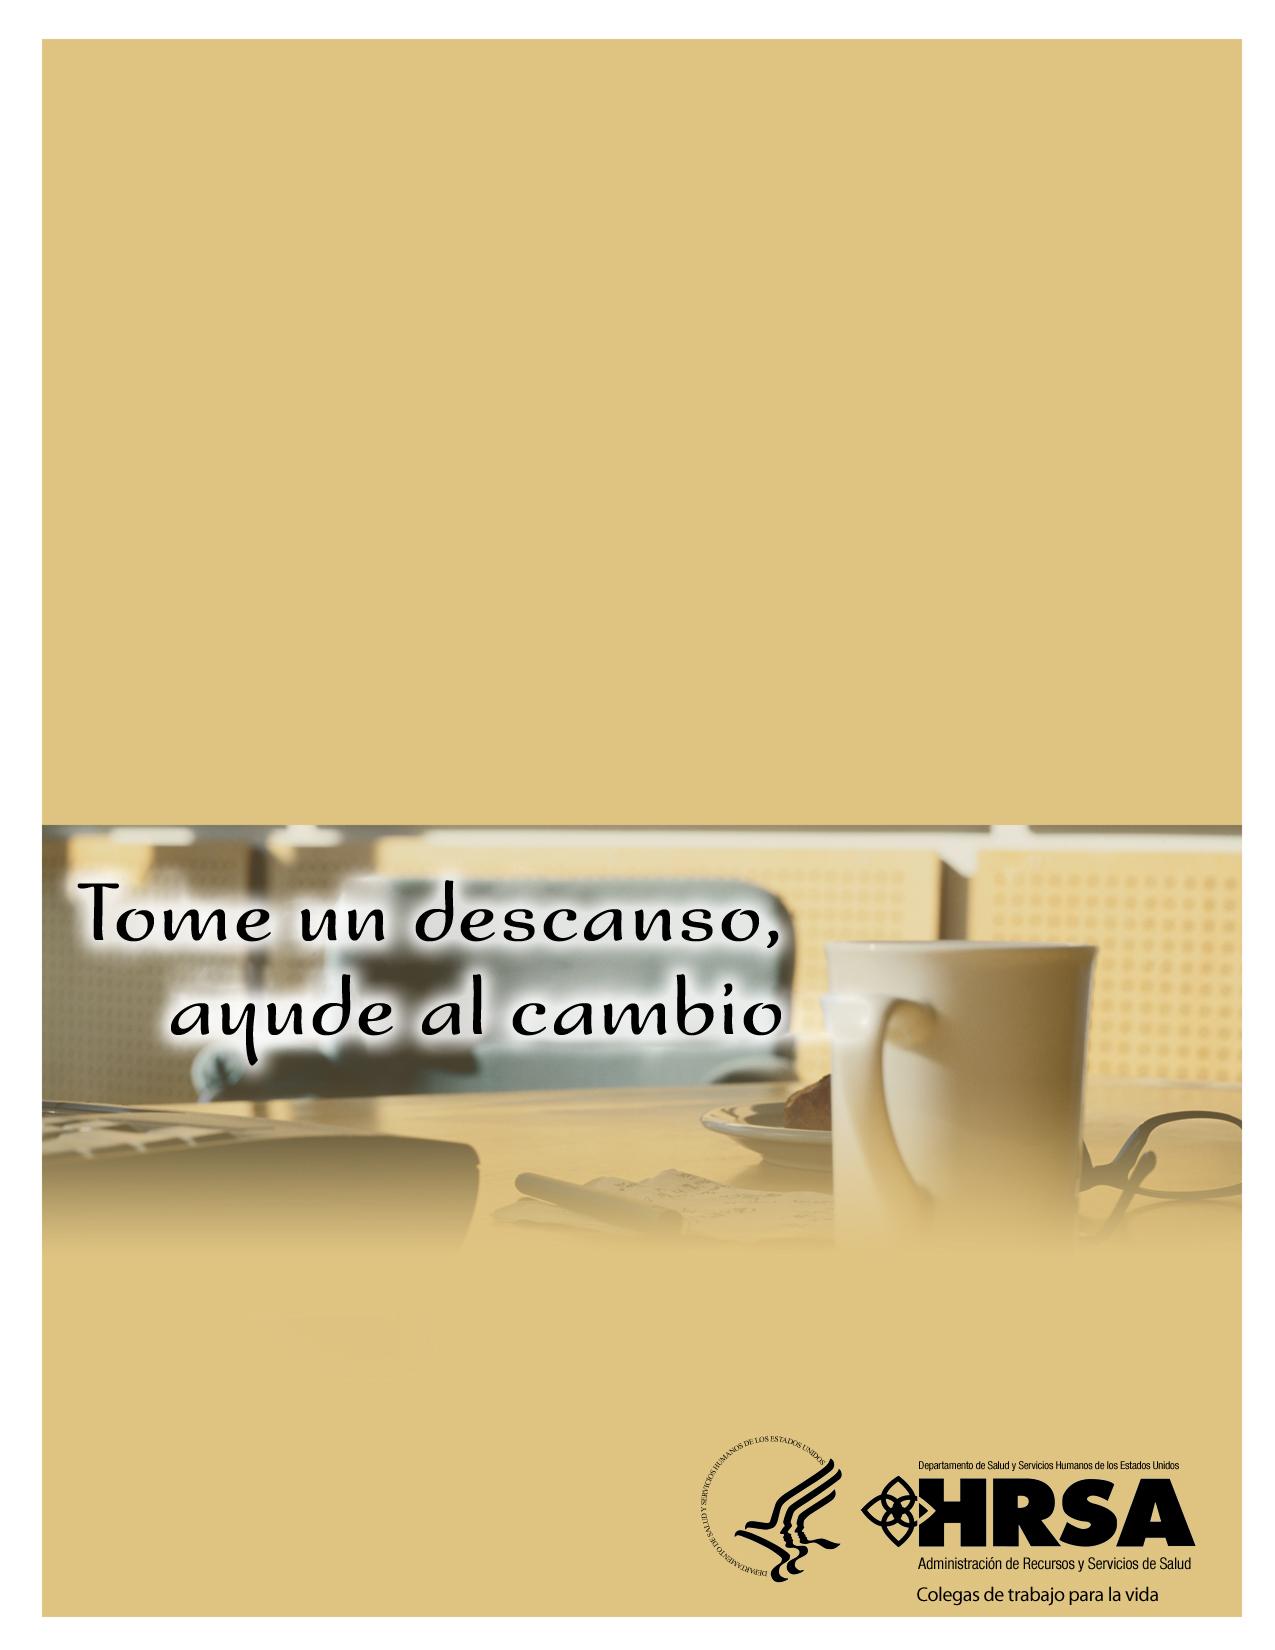 Imagen Give 5 para folleto díptico de mesa con personalización. 1275 píxeles de ancho por 1650 píxeles de alto.